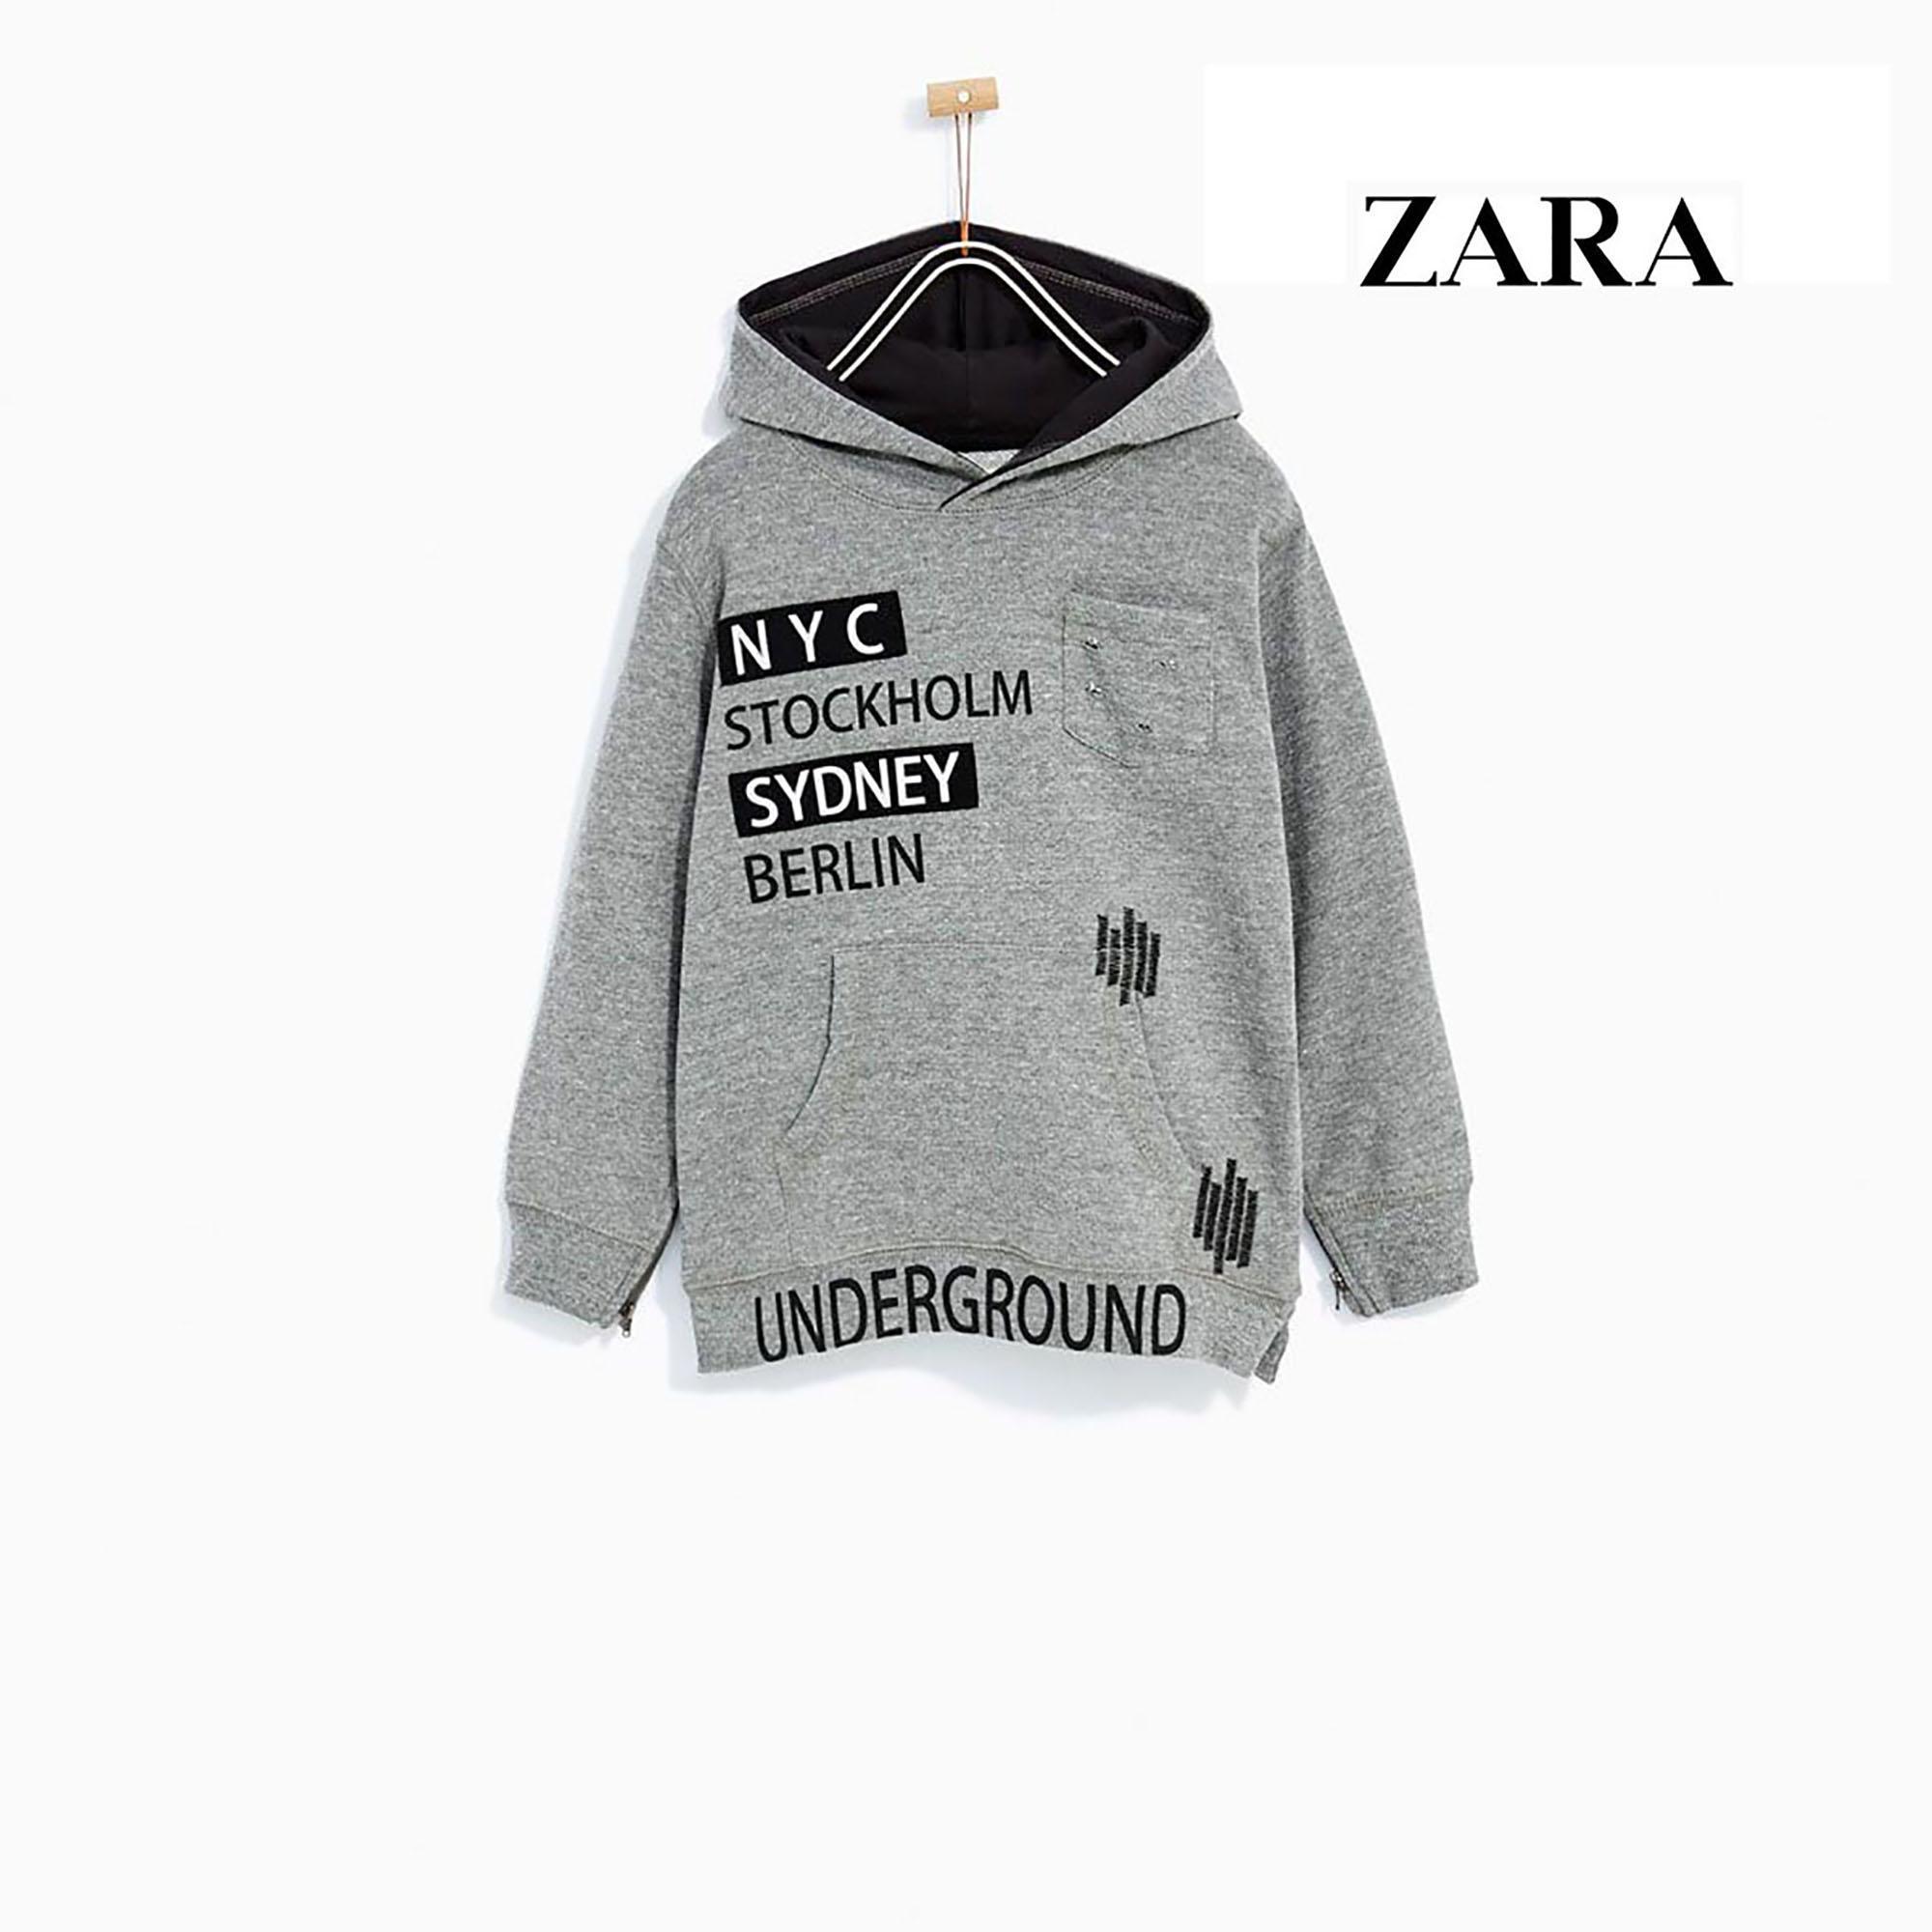 766fce8e Boys Winter Jackets & Hoodies Online Store in Pakistan - Daraz.pk